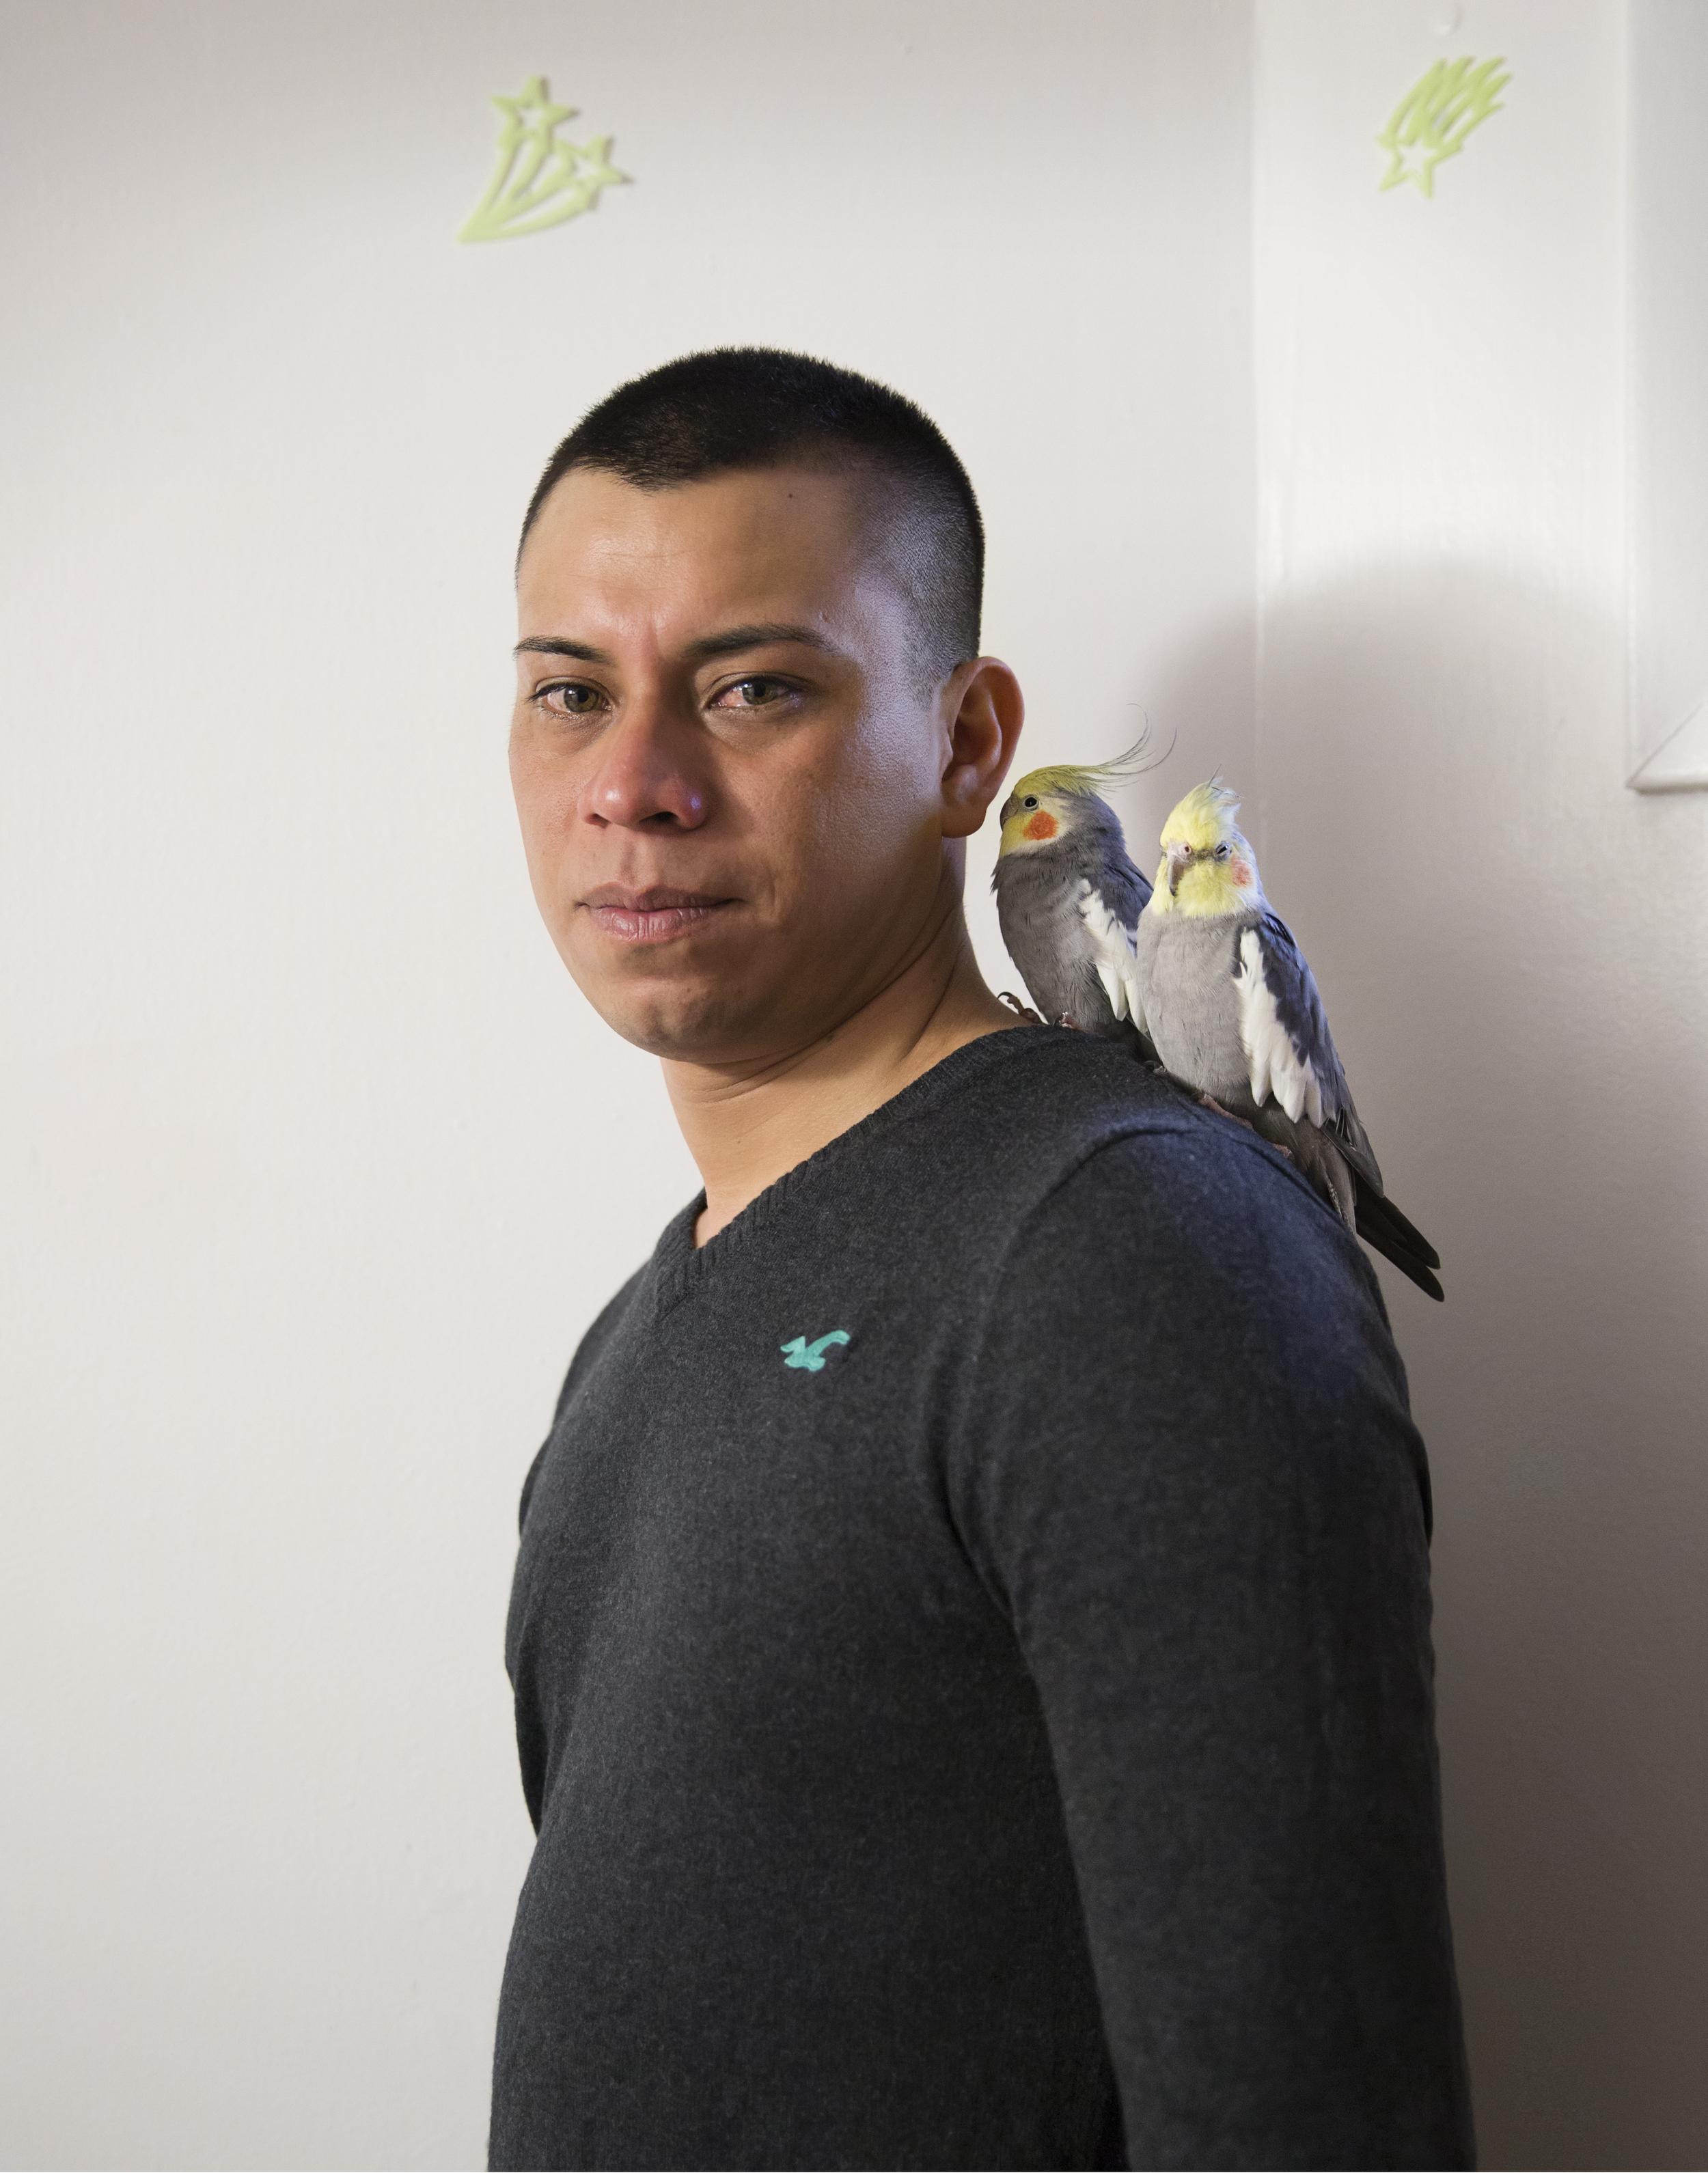 Will, 30. Bricklayer. 5 year survivor of HIV.